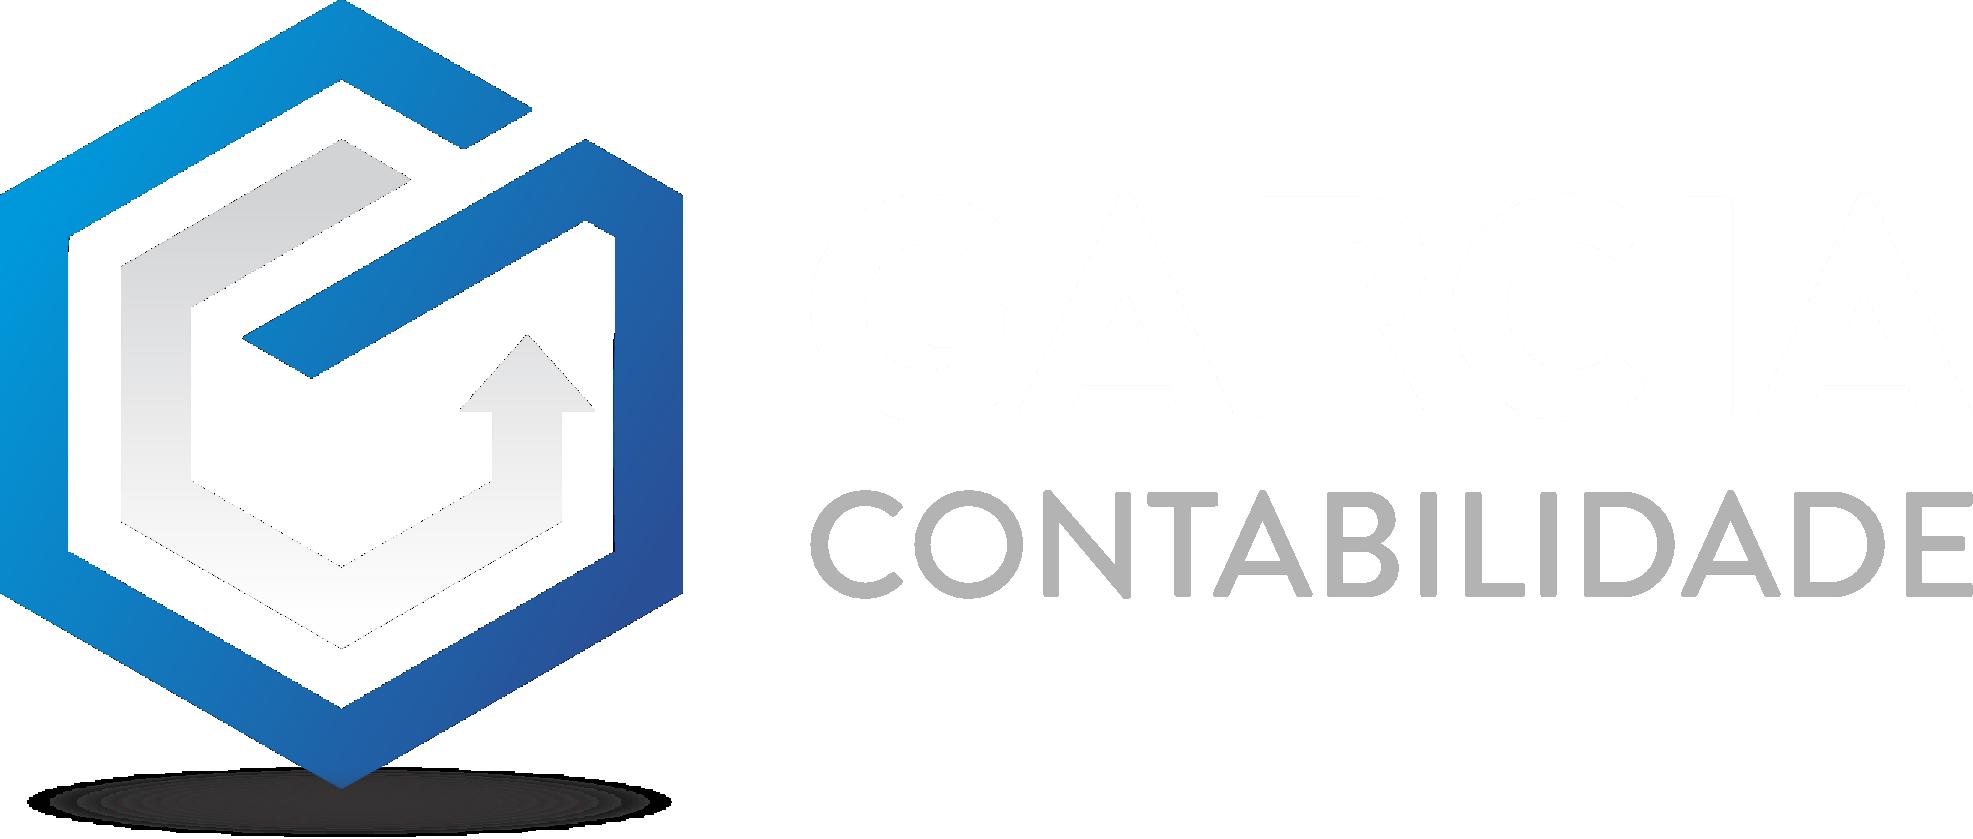 Garcia Contabilidade